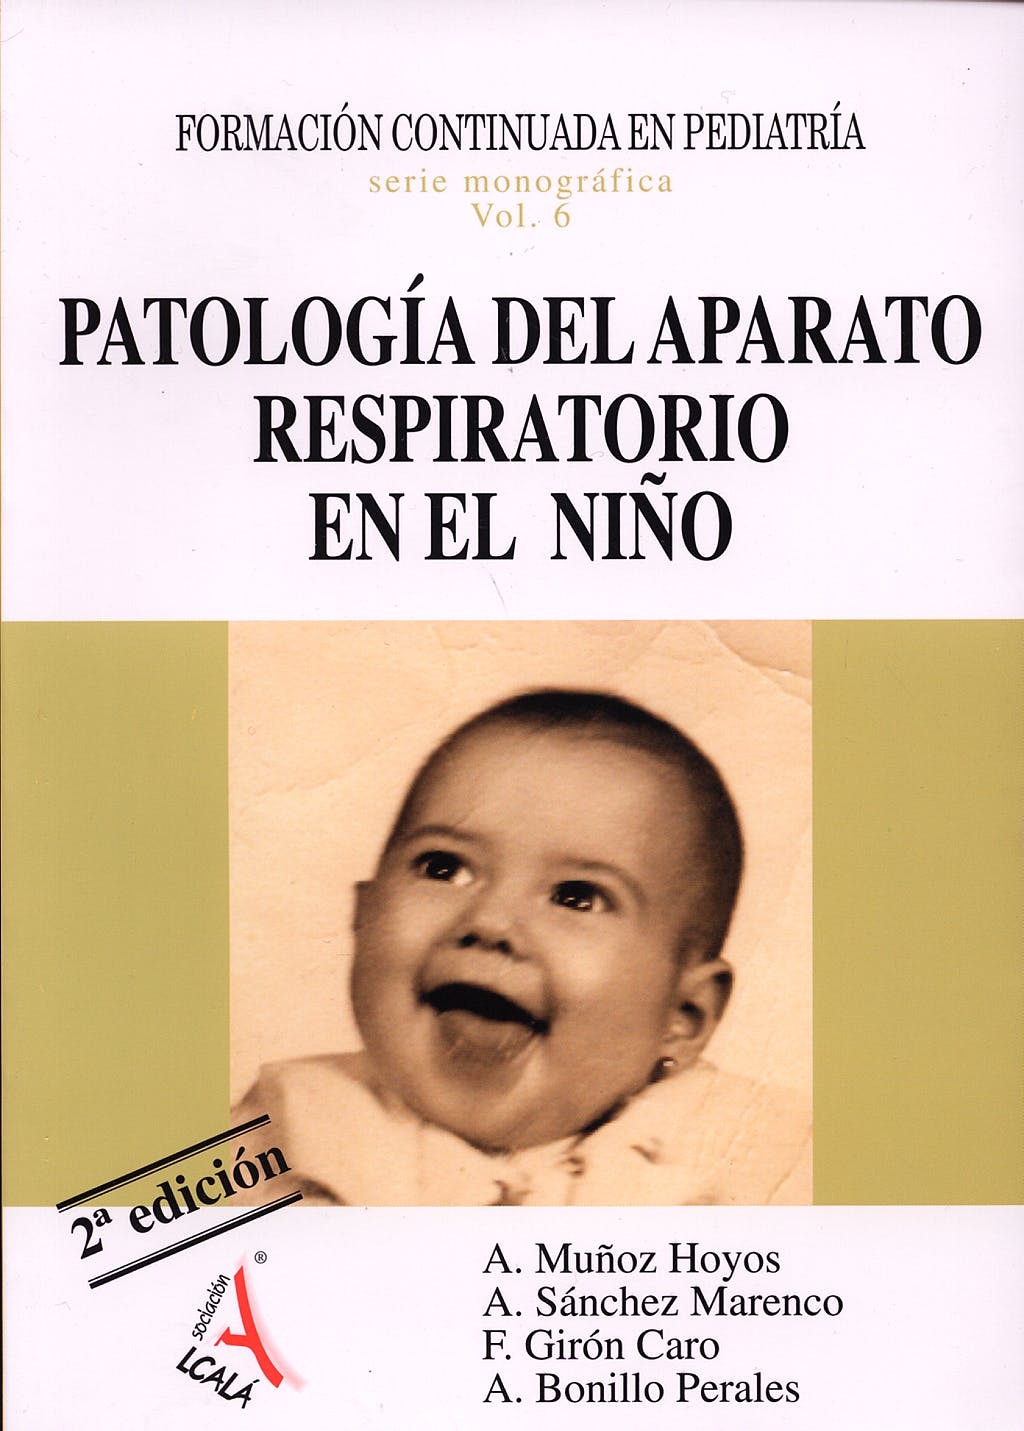 Portada del libro 9788485539727 Formacion Continuada en Pediatria, Vol. 6: Patologia del Aparato Respiratorio en el Niño